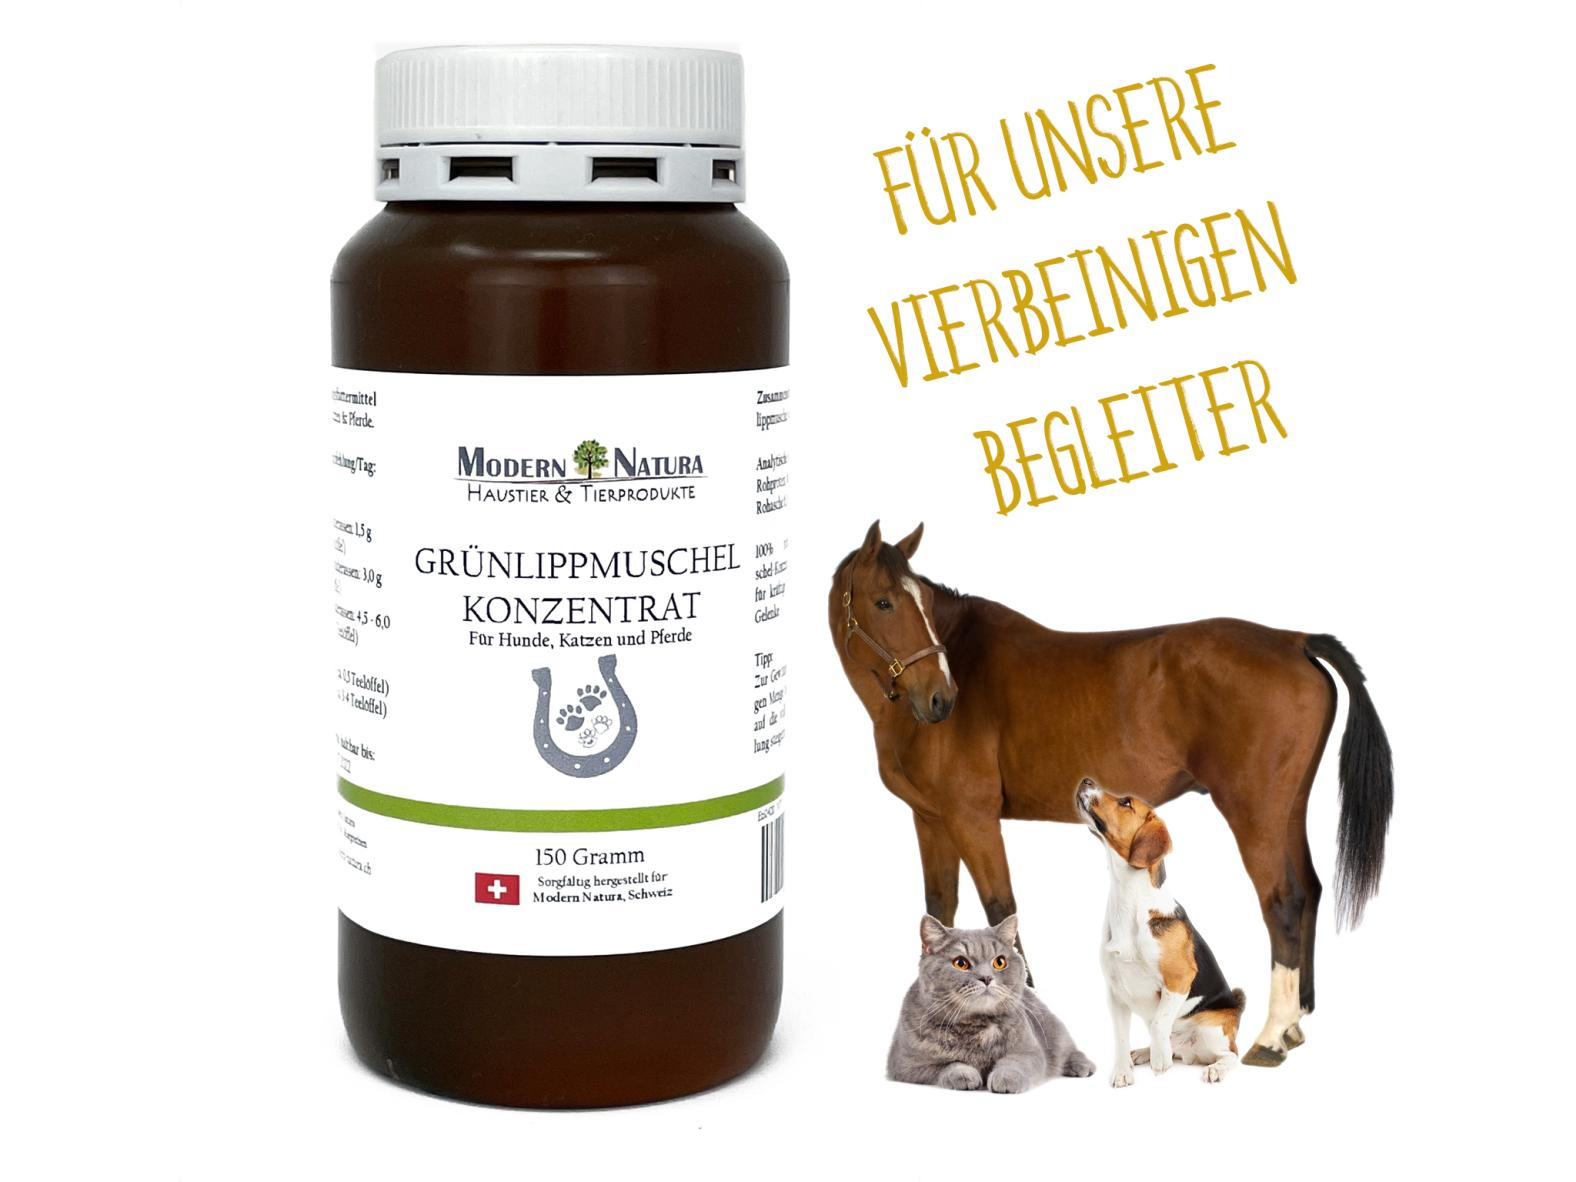 Grünlippmuschel Konzentrat für Hunde, Katzen & Pferde 150 Gramm - Ergänzungsfuttermittel für Gelenke und Knorpel